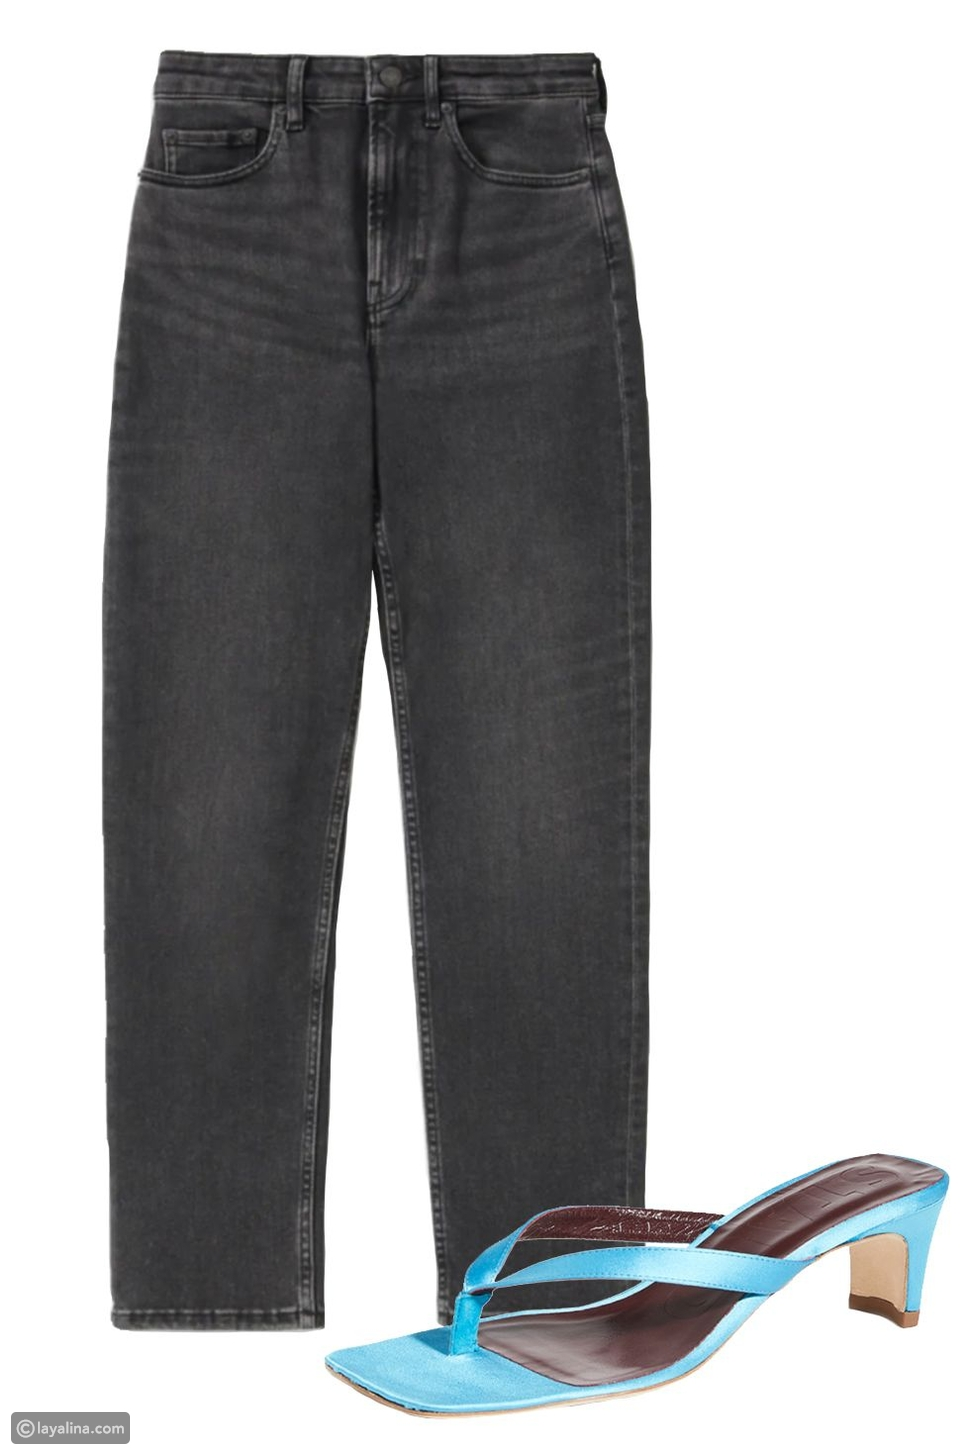 جينز أسود مع حذاء ملون